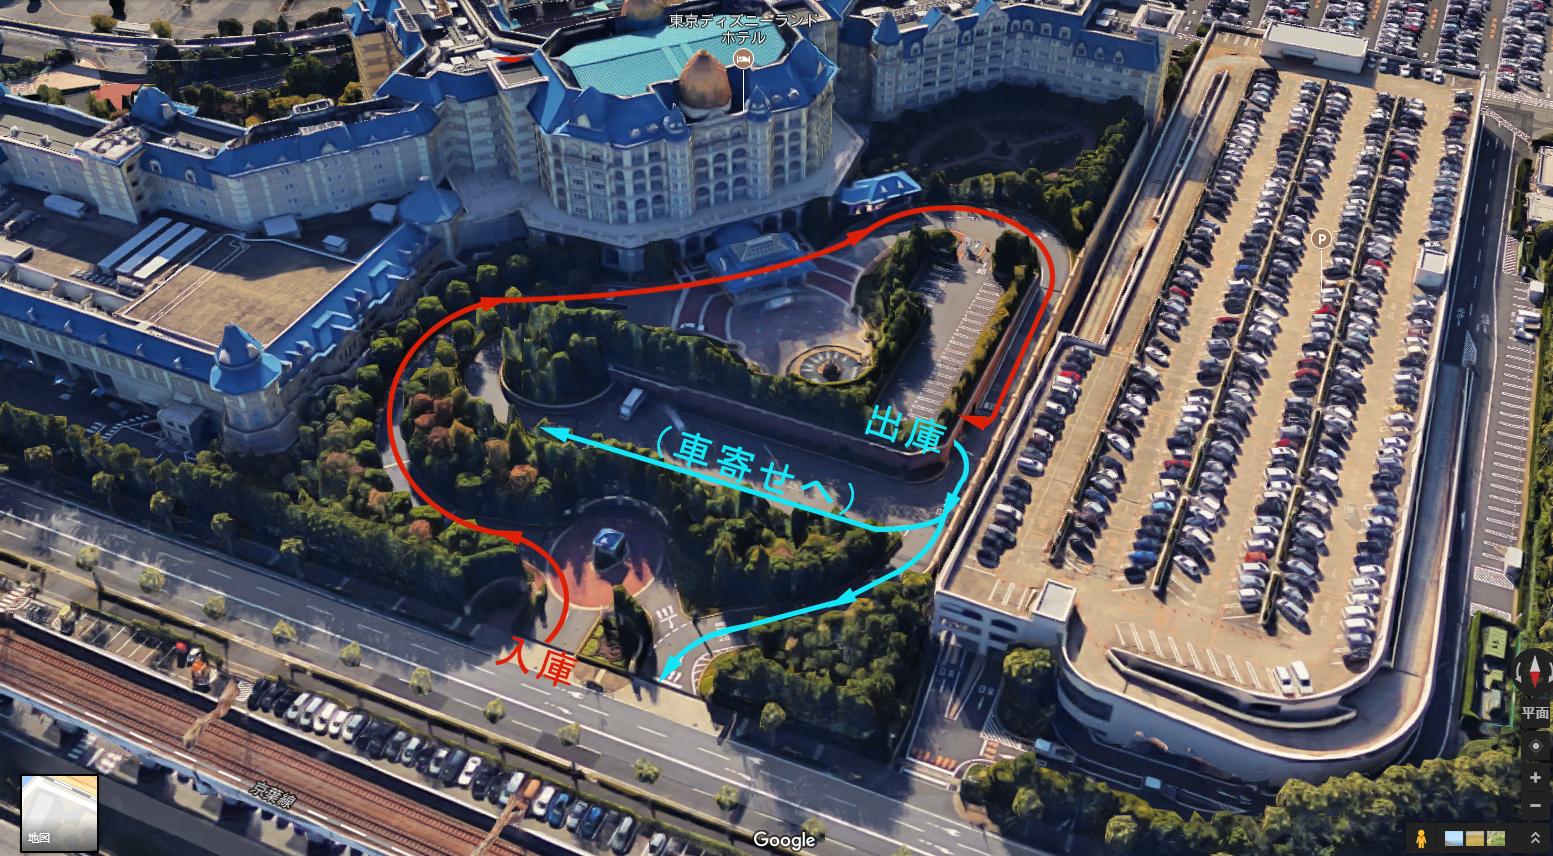 東京ディズニーランドホテル宿泊者専用駐車場入出庫経路 (修正版)